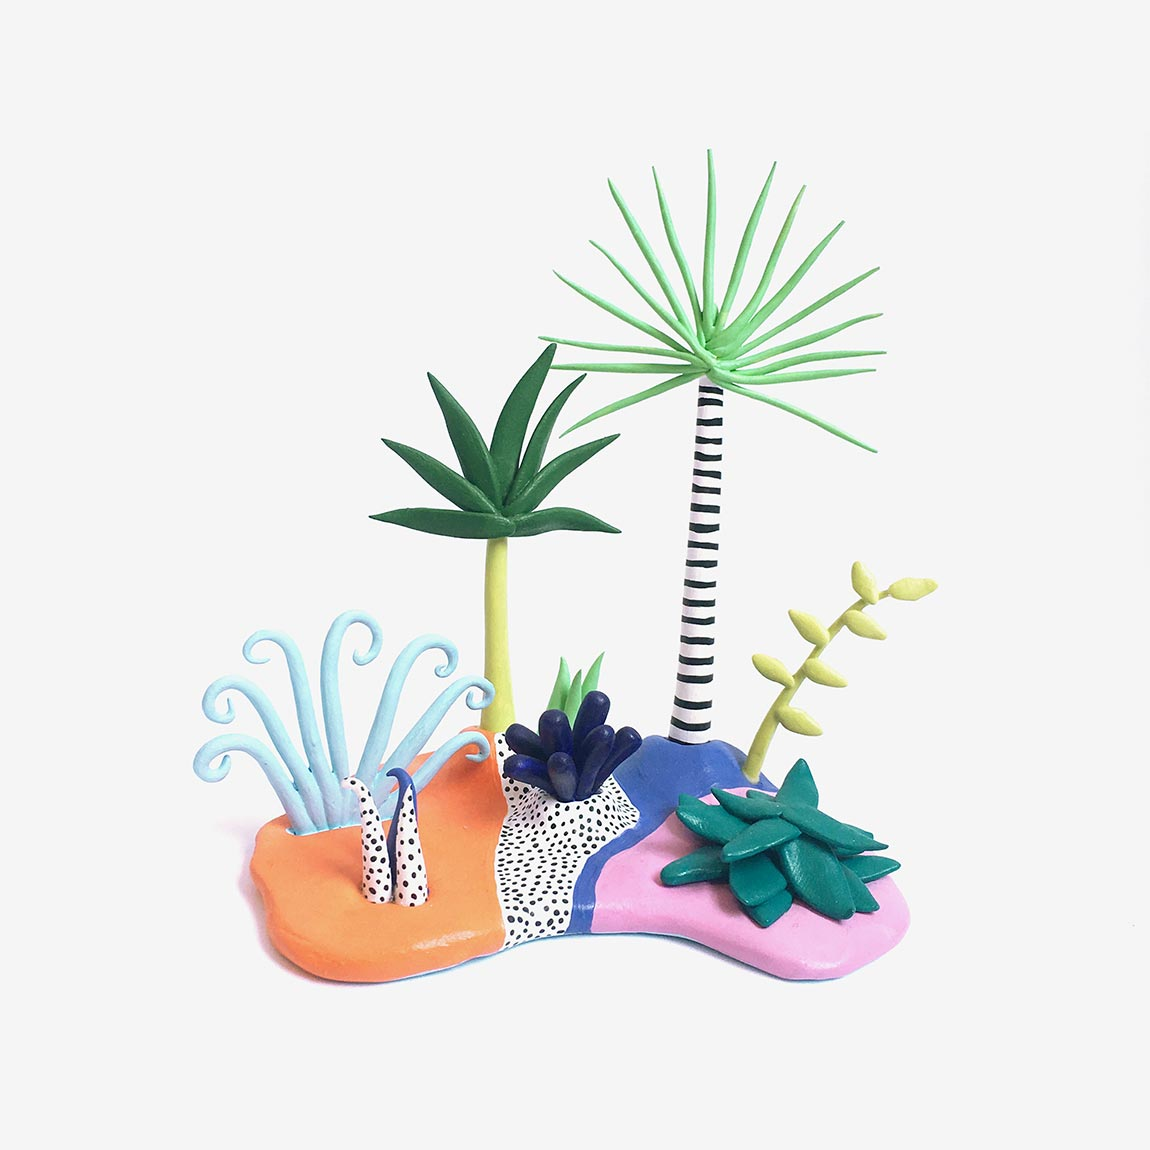 Необычные растения из полимерной глины - Фото 6